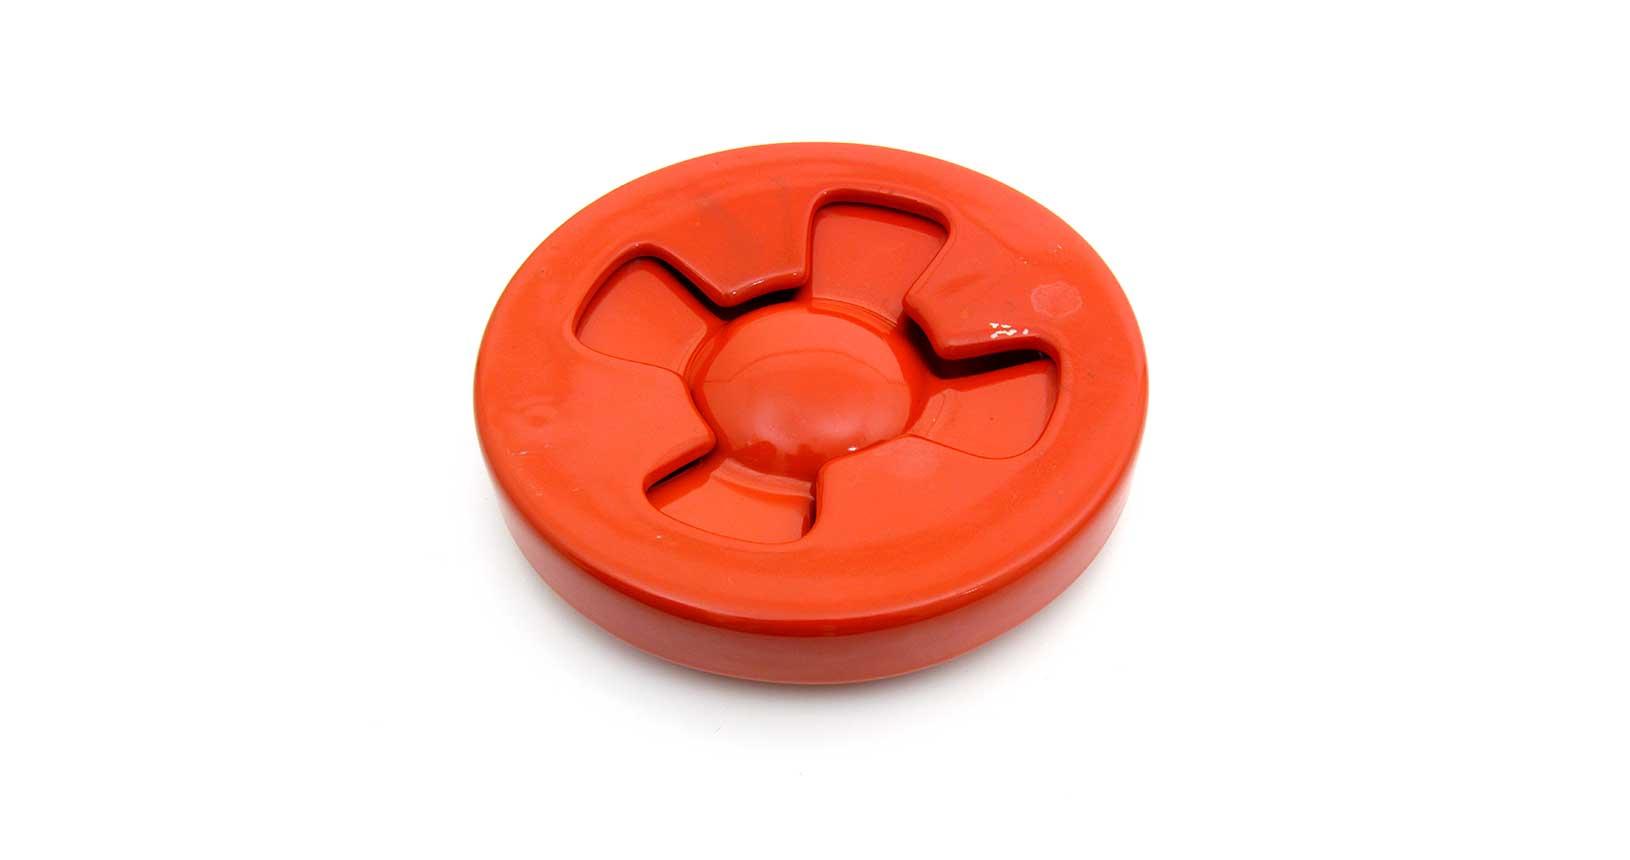 brambilla red rosso posacenere ashtray ceramica design vintage iconic design furniture mangiarotti